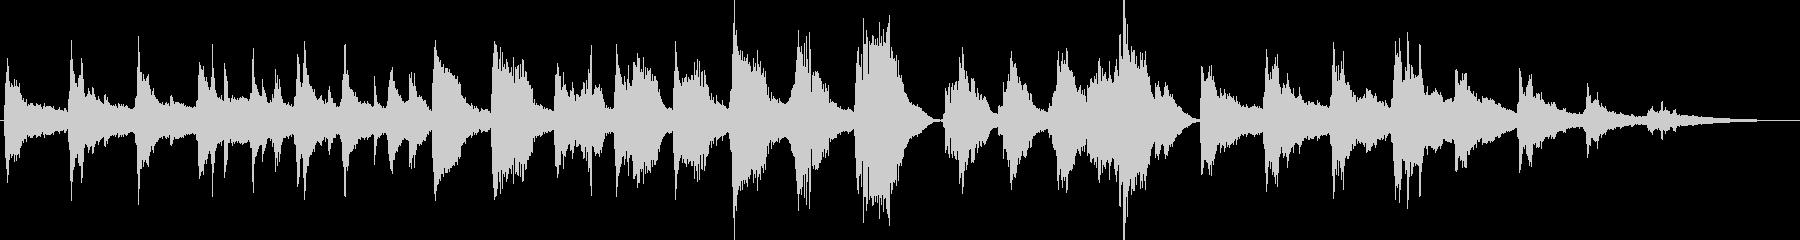 雪の妖精をイメージした現代曲風BGMの未再生の波形